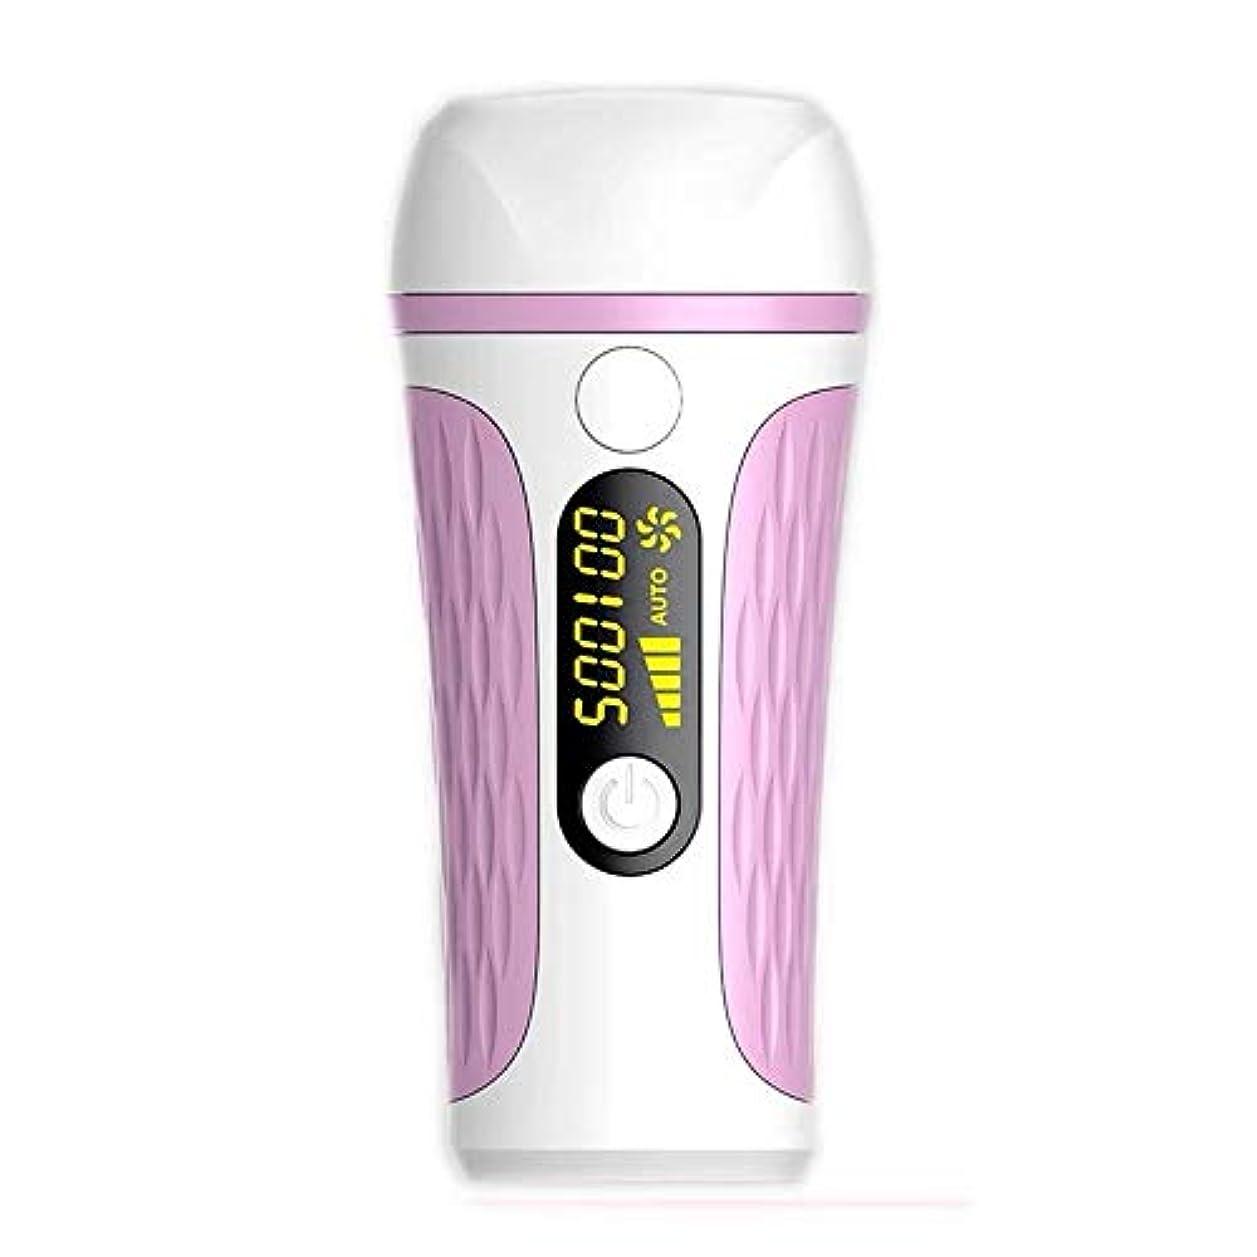 年次重力好きNuanxin 携帯用コールドポイント痛みのない毛の除去剤、自動、手動、2つのモード、LCDディスプレイ、5スピード調整、サイズ14.5 X 6.7 X 19 Cm F30